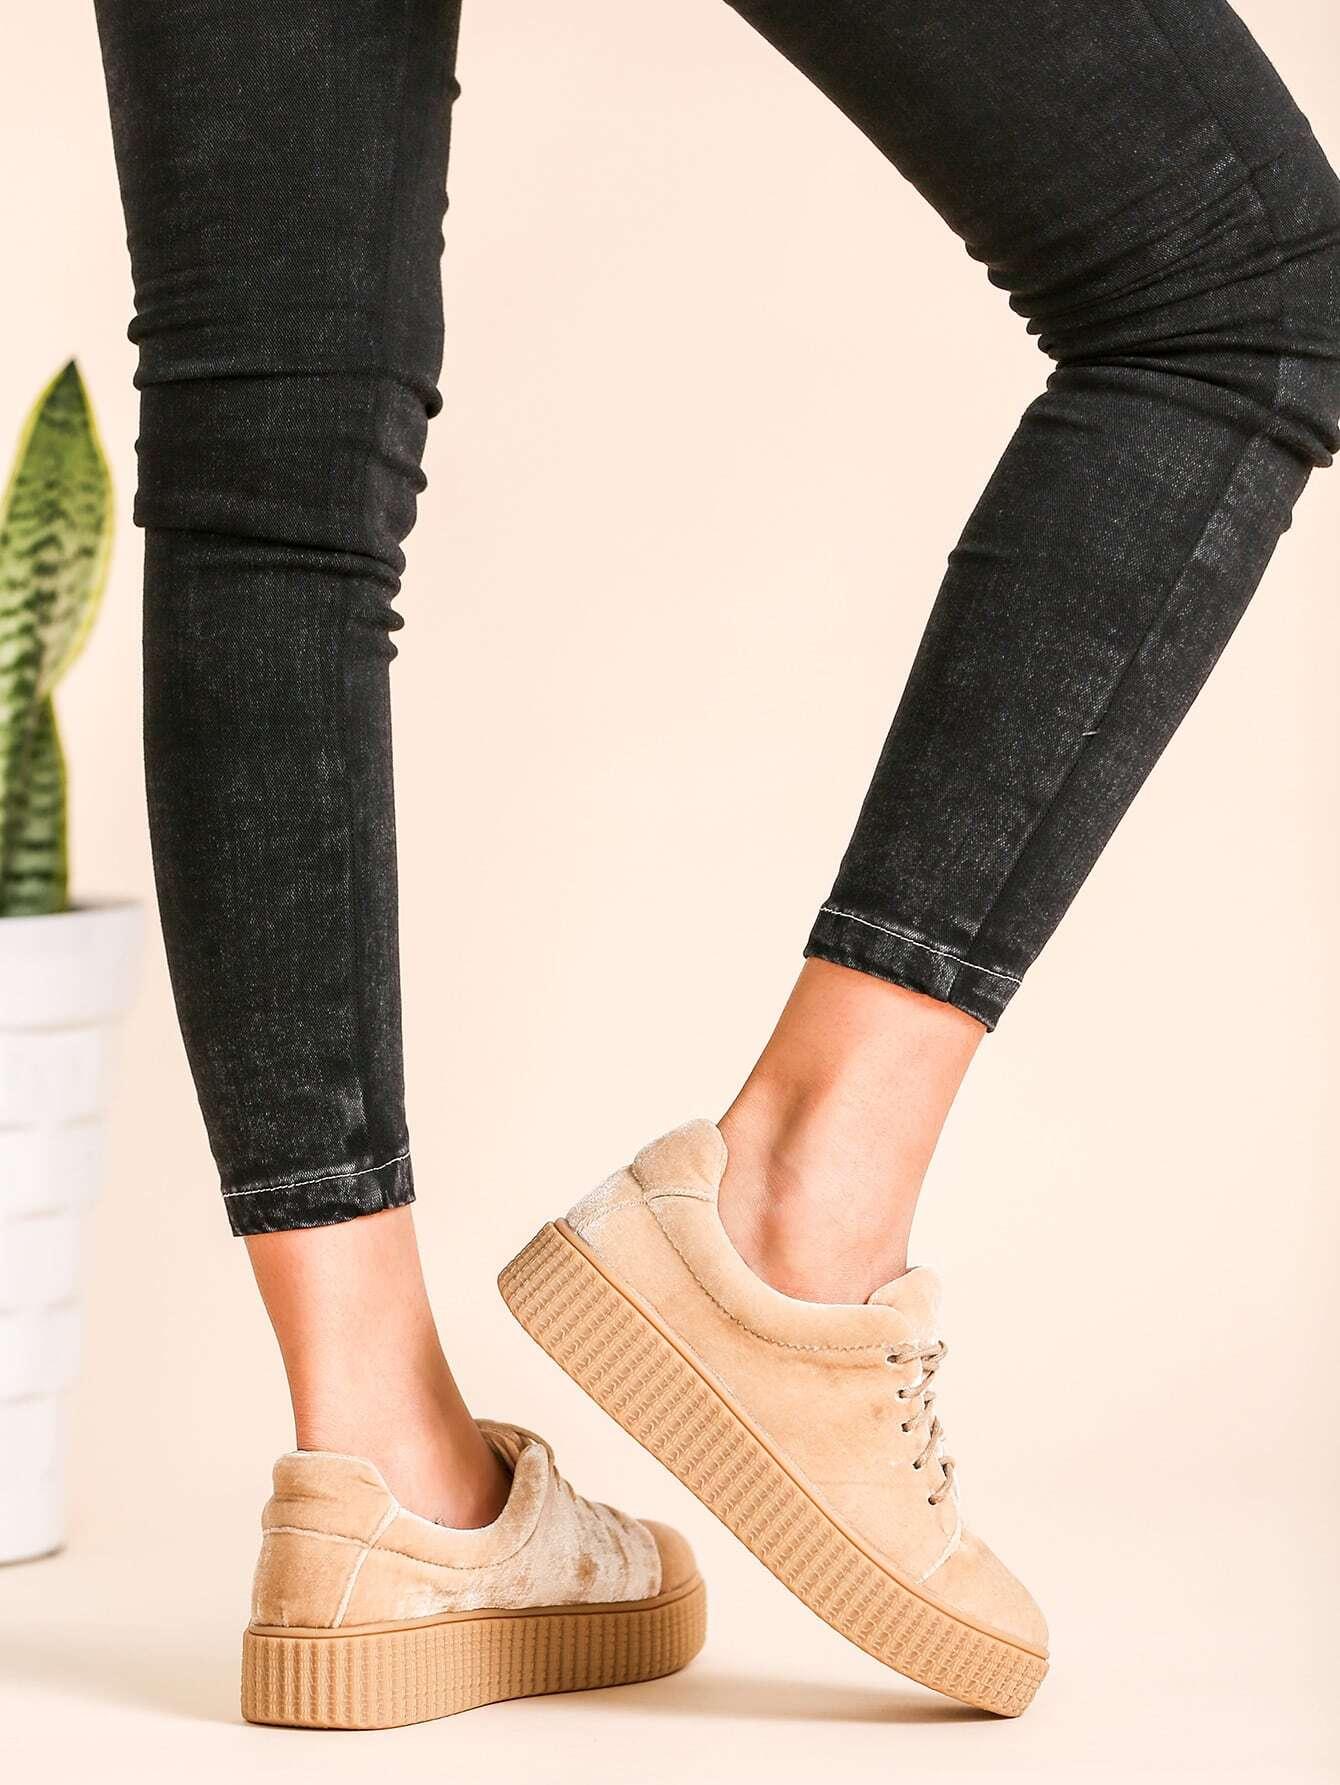 shoes161006812_2